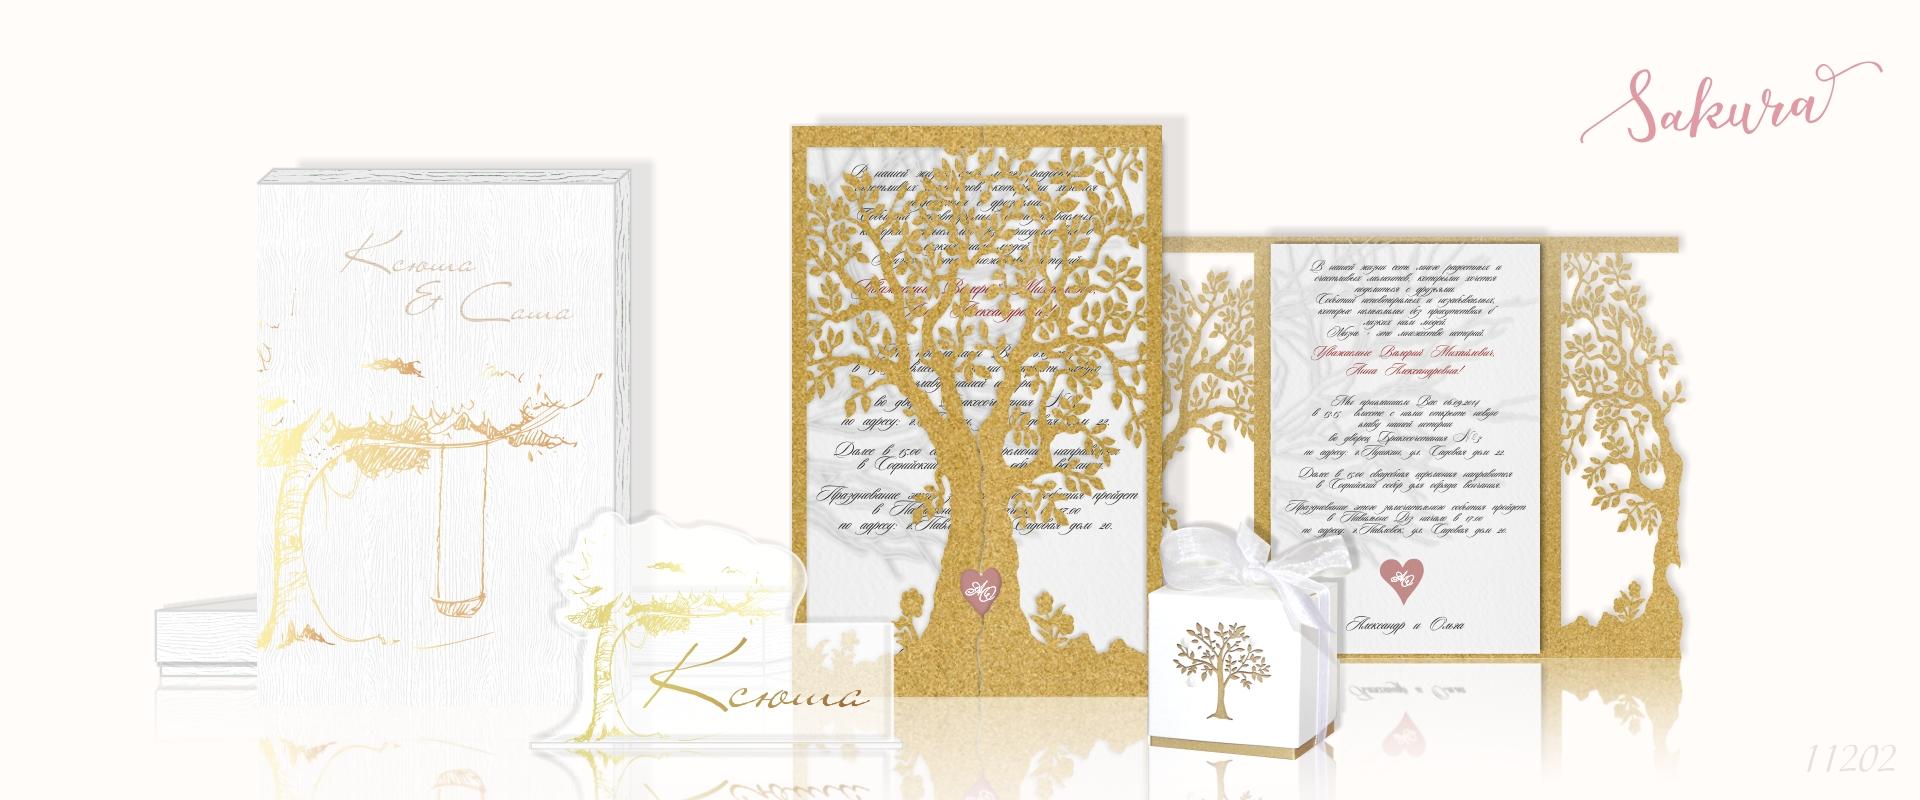 Приглашения на свадьбу в виде резного дерева. Приглашения в коробочке.